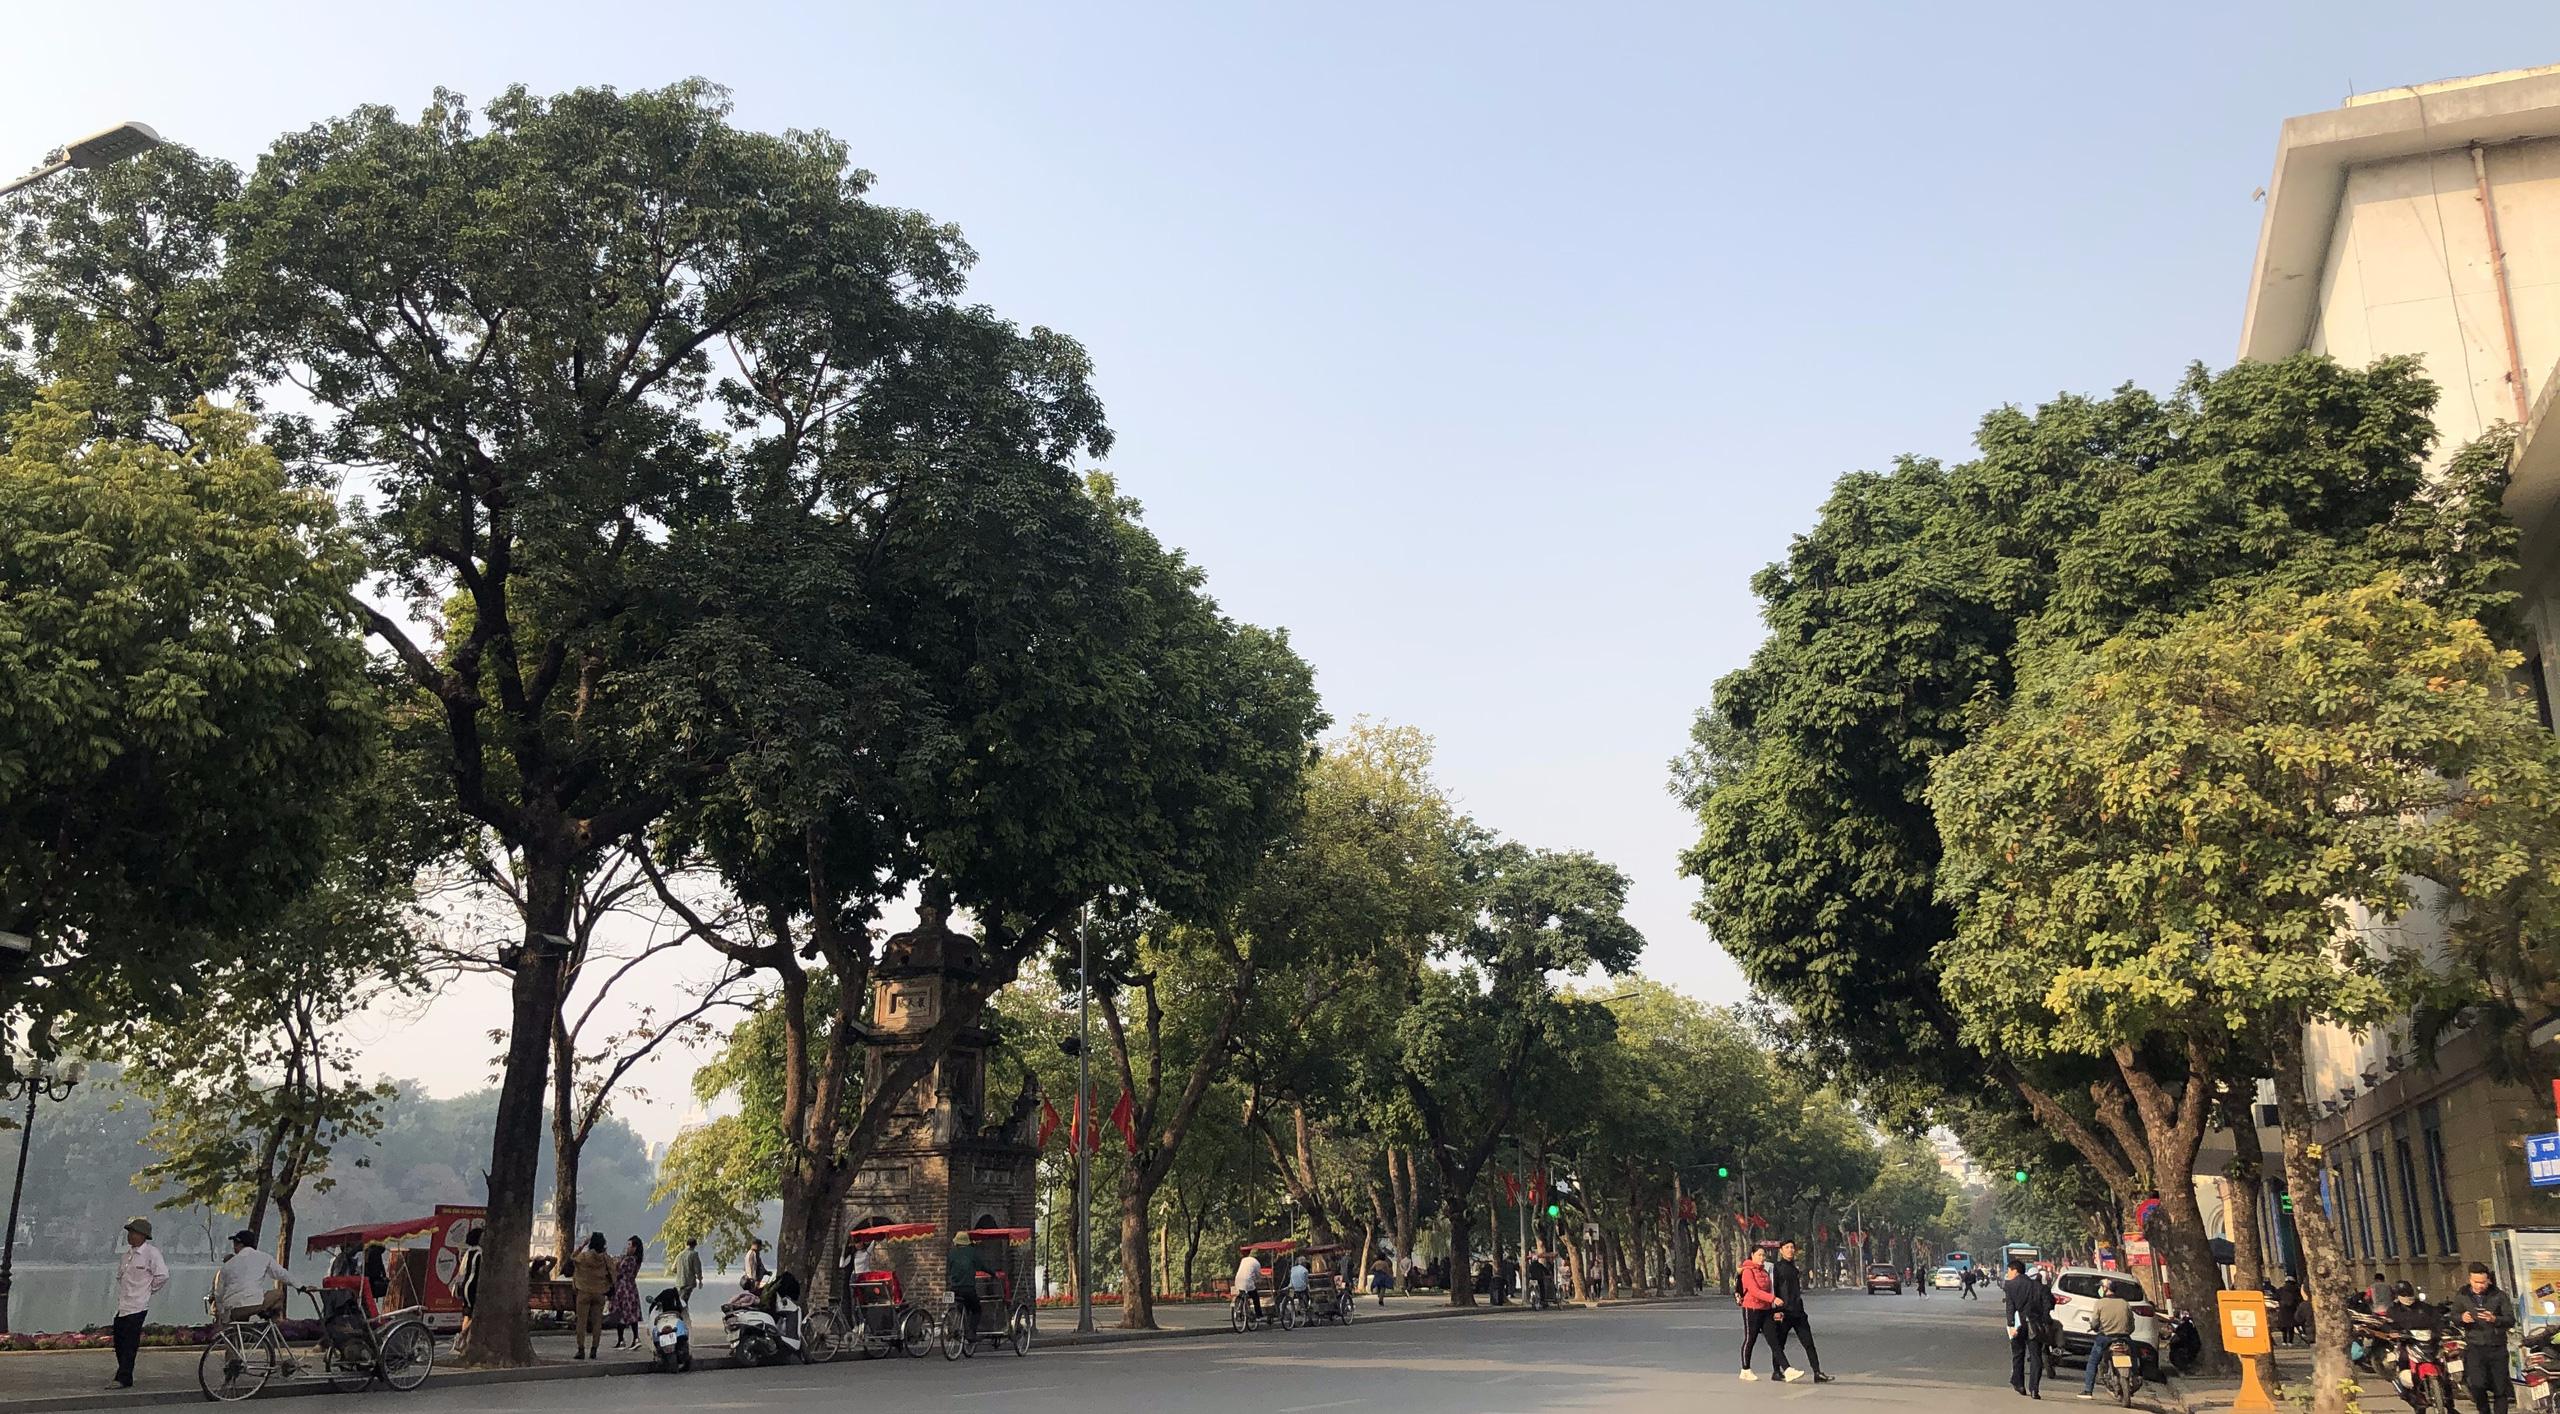 Giá đất phố Đinh Tiên Hoàng, Hoàn Kiếm, Hà Nội giai đoạn 2020 - 2024 - Ảnh 2.